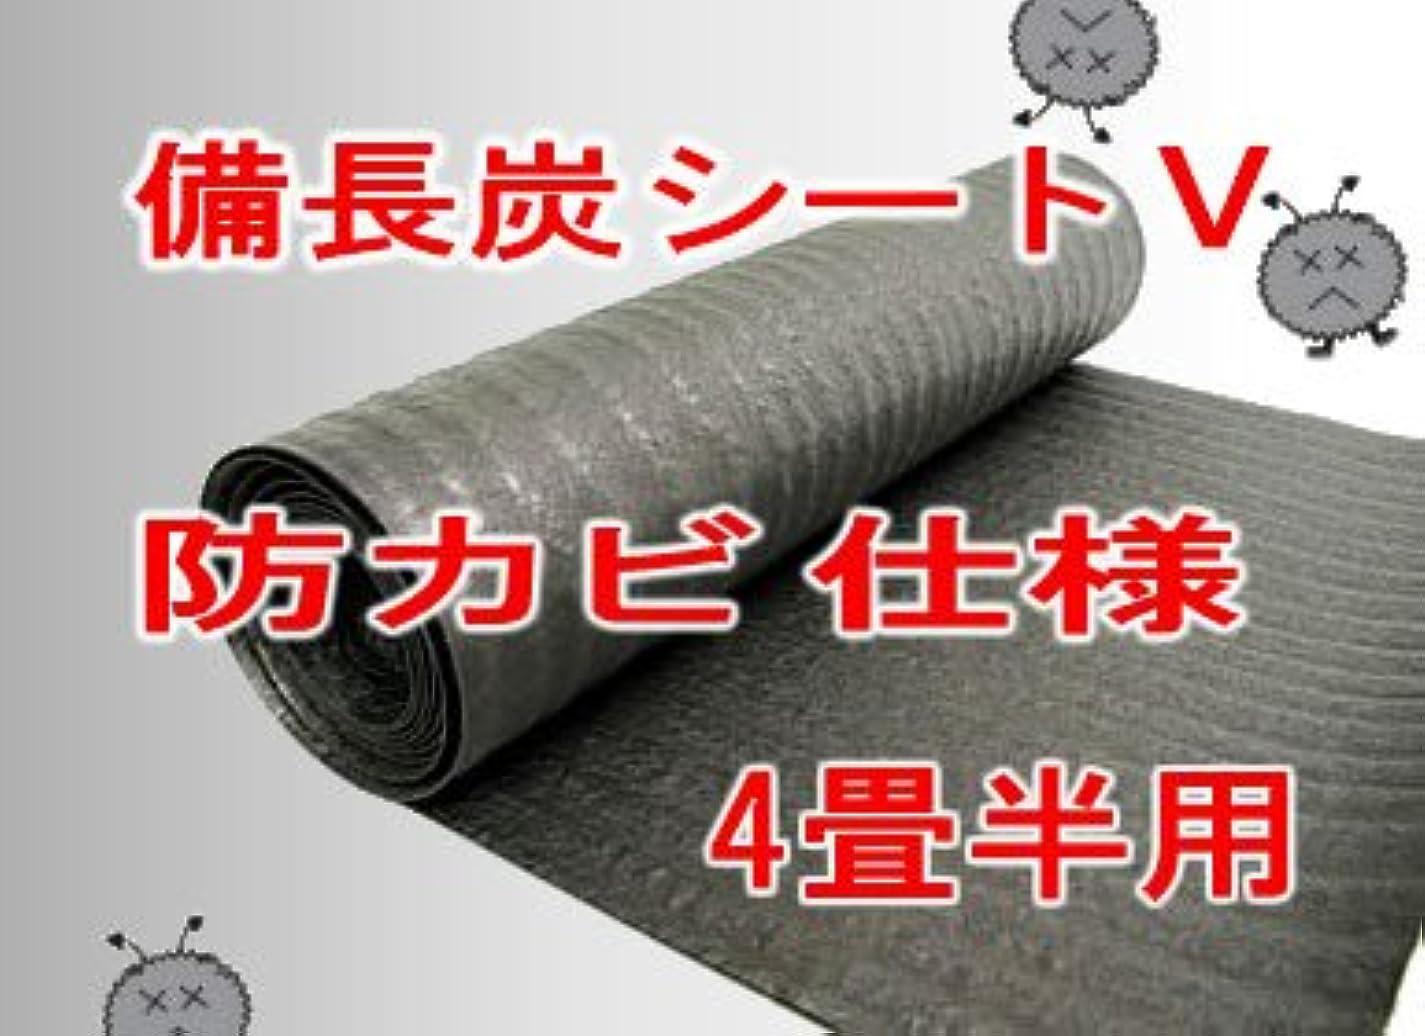 真向こう何でも保安備長炭シート V 防カビ仕様 4畳半用 8m 湿気?カビ対策用 環境改善炭シート